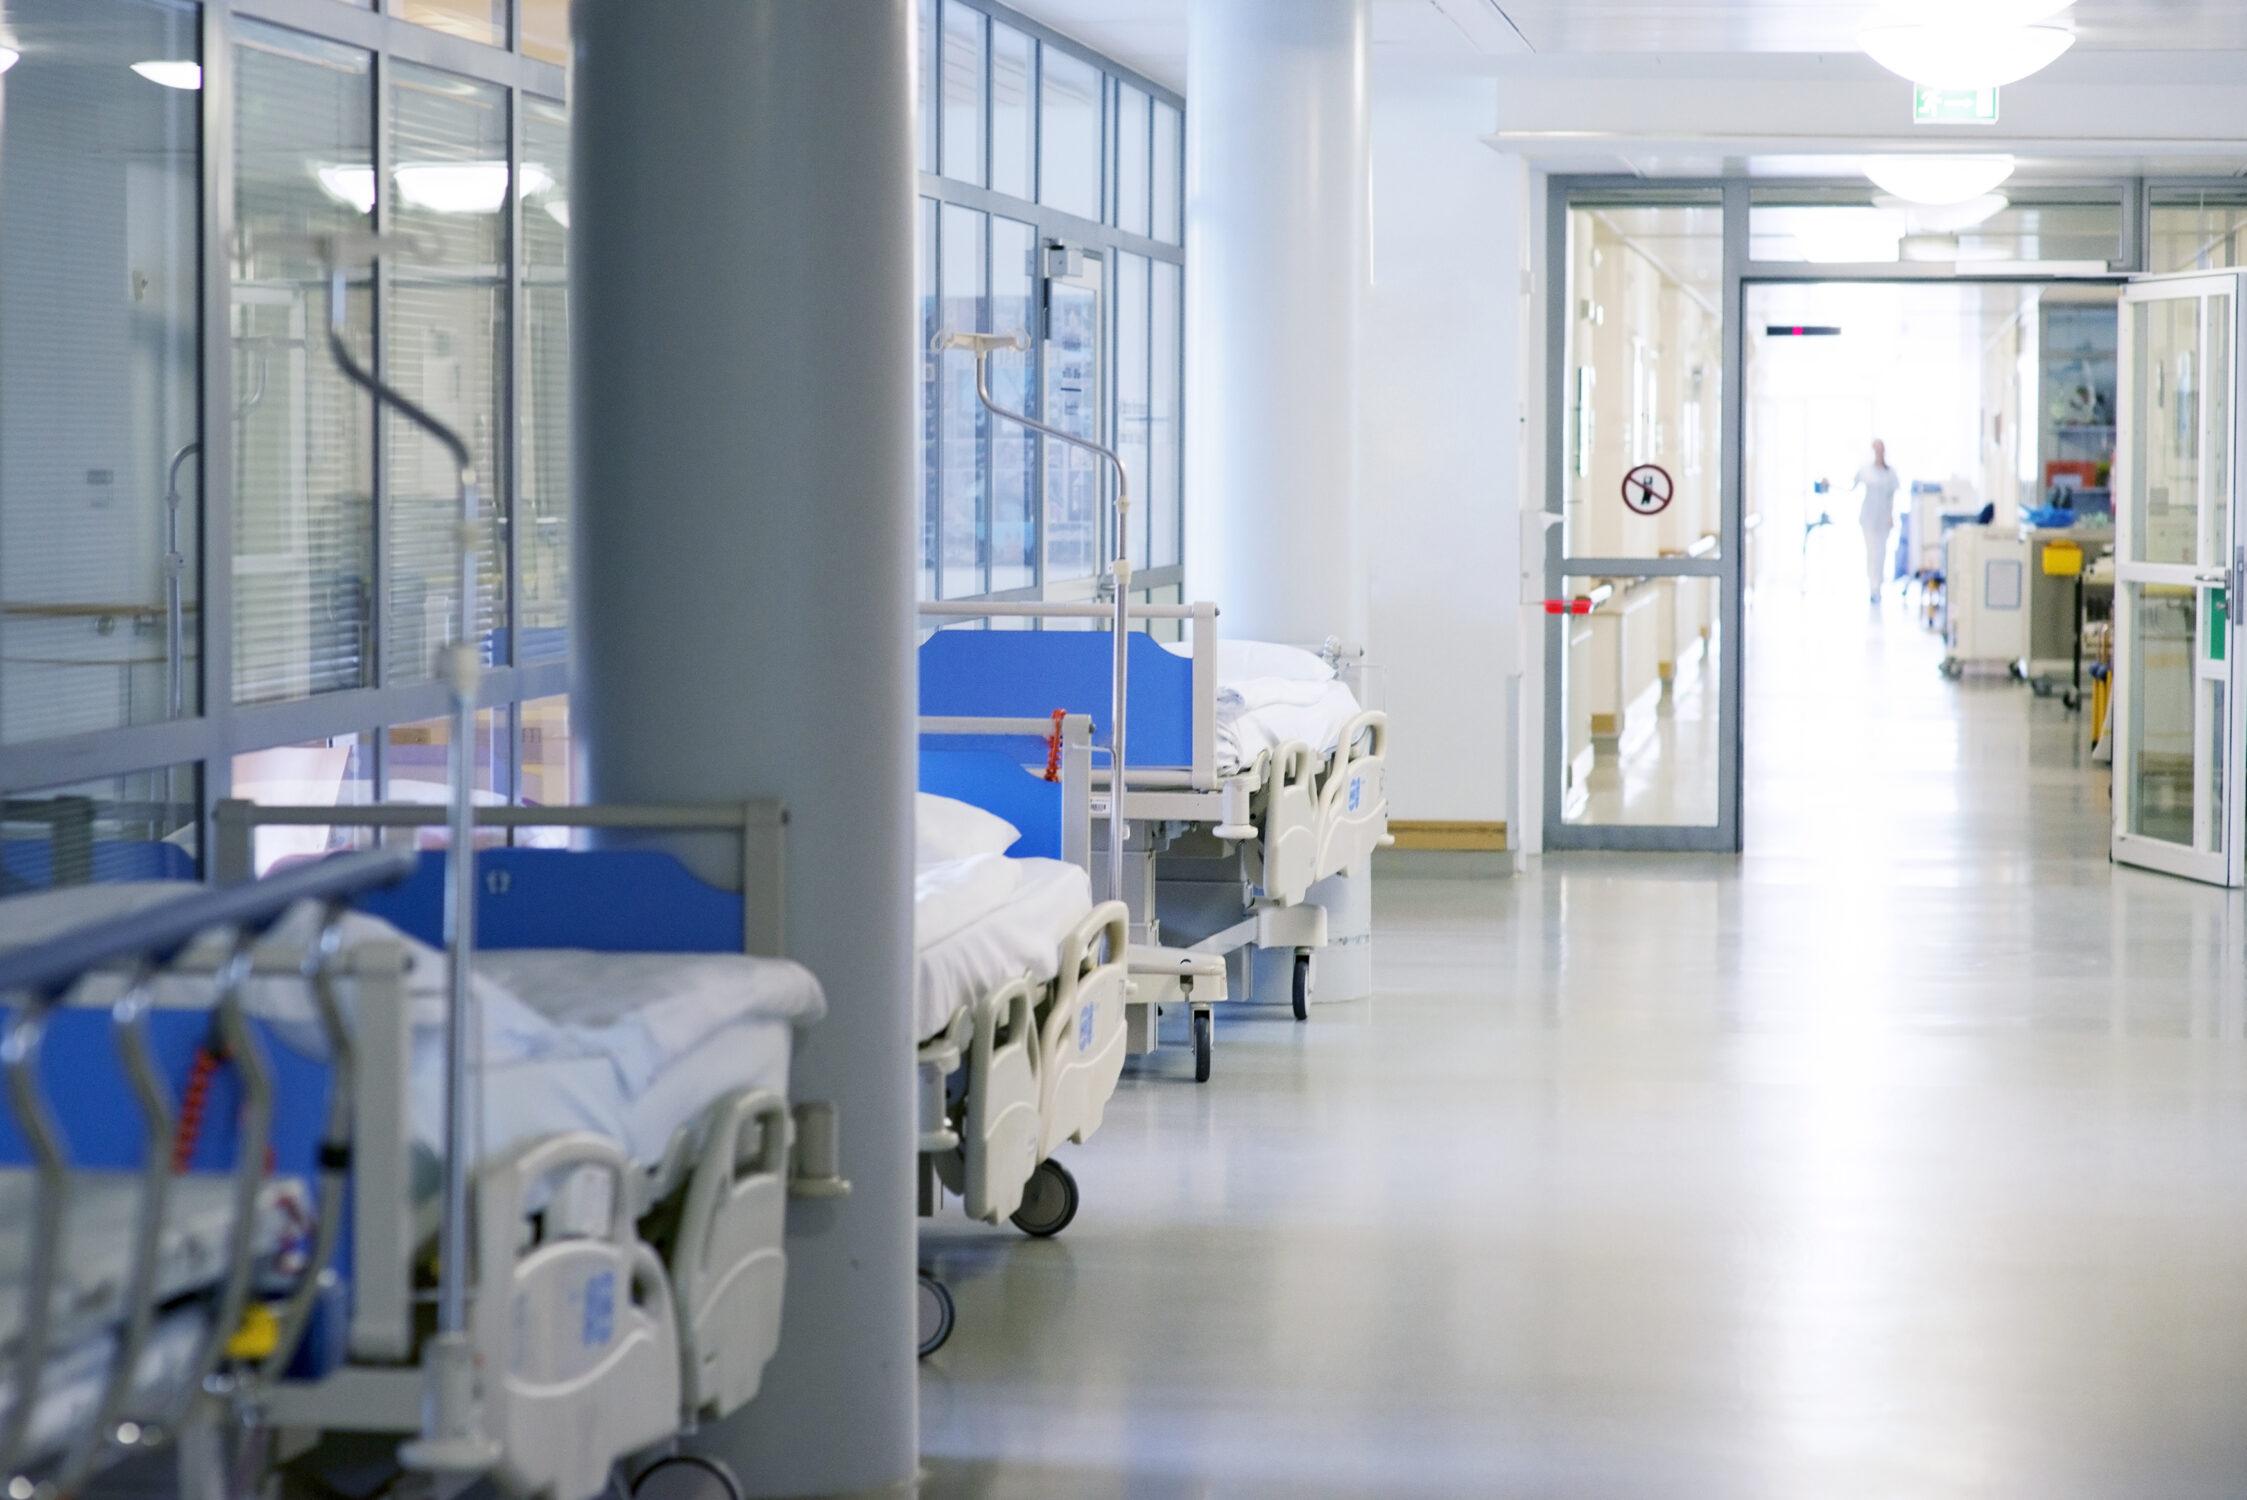 Health-Care-AdobeStock_90838003-e1603886887116